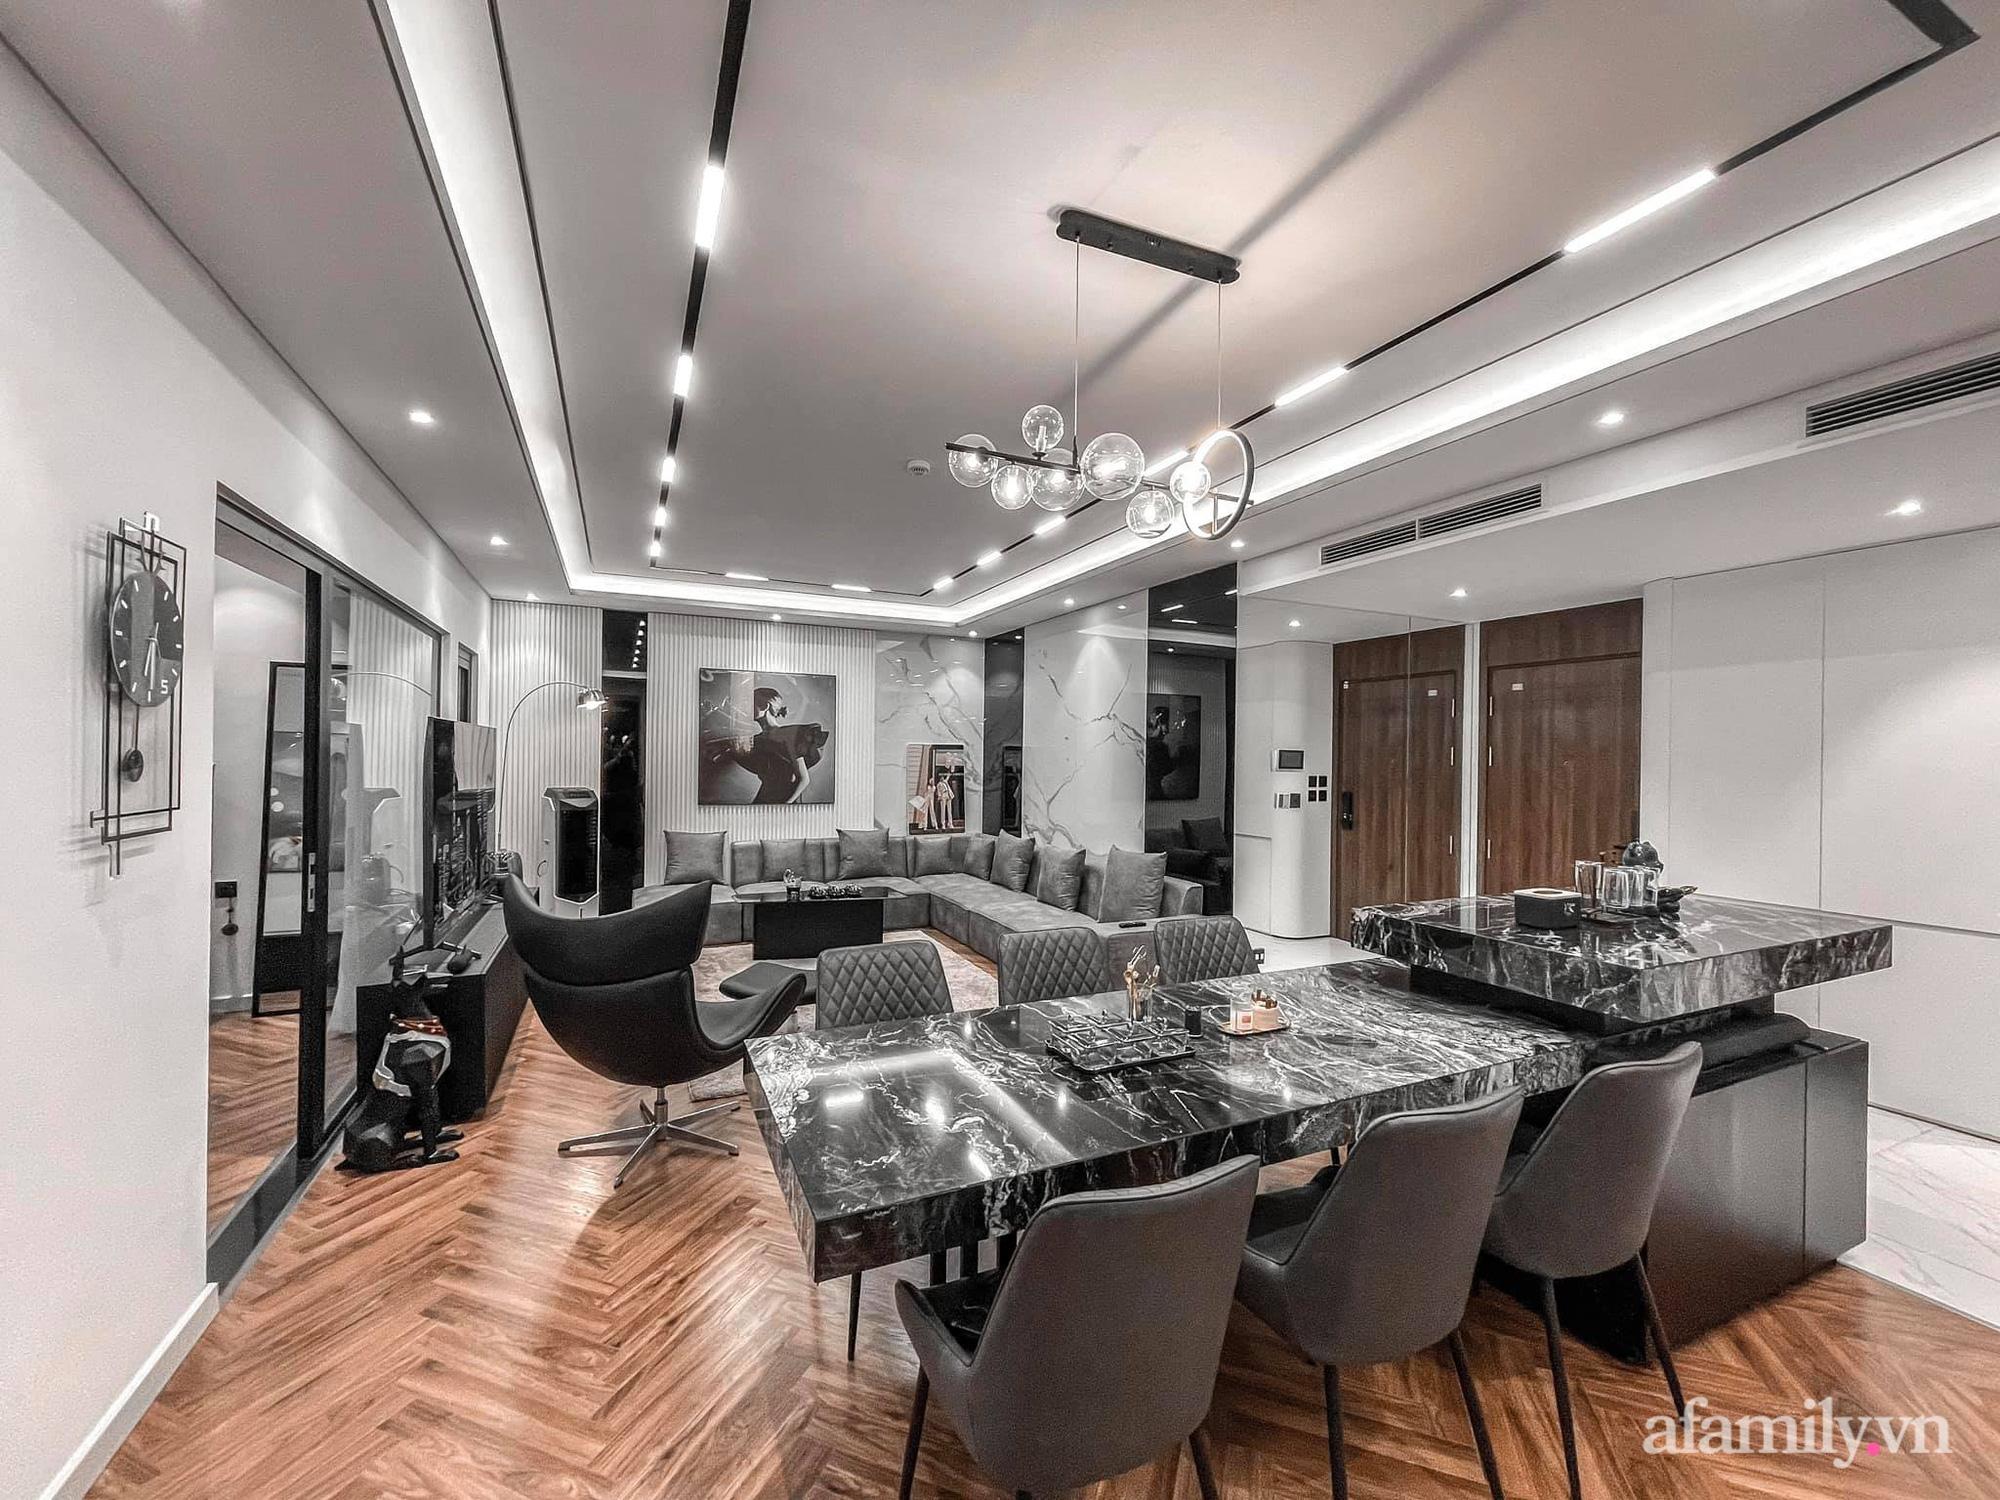 Căn hộ 125m² với gam màu tối cực chất của cặp vợ chồng yêu thời trang ở Hà Nội - Ảnh 11.